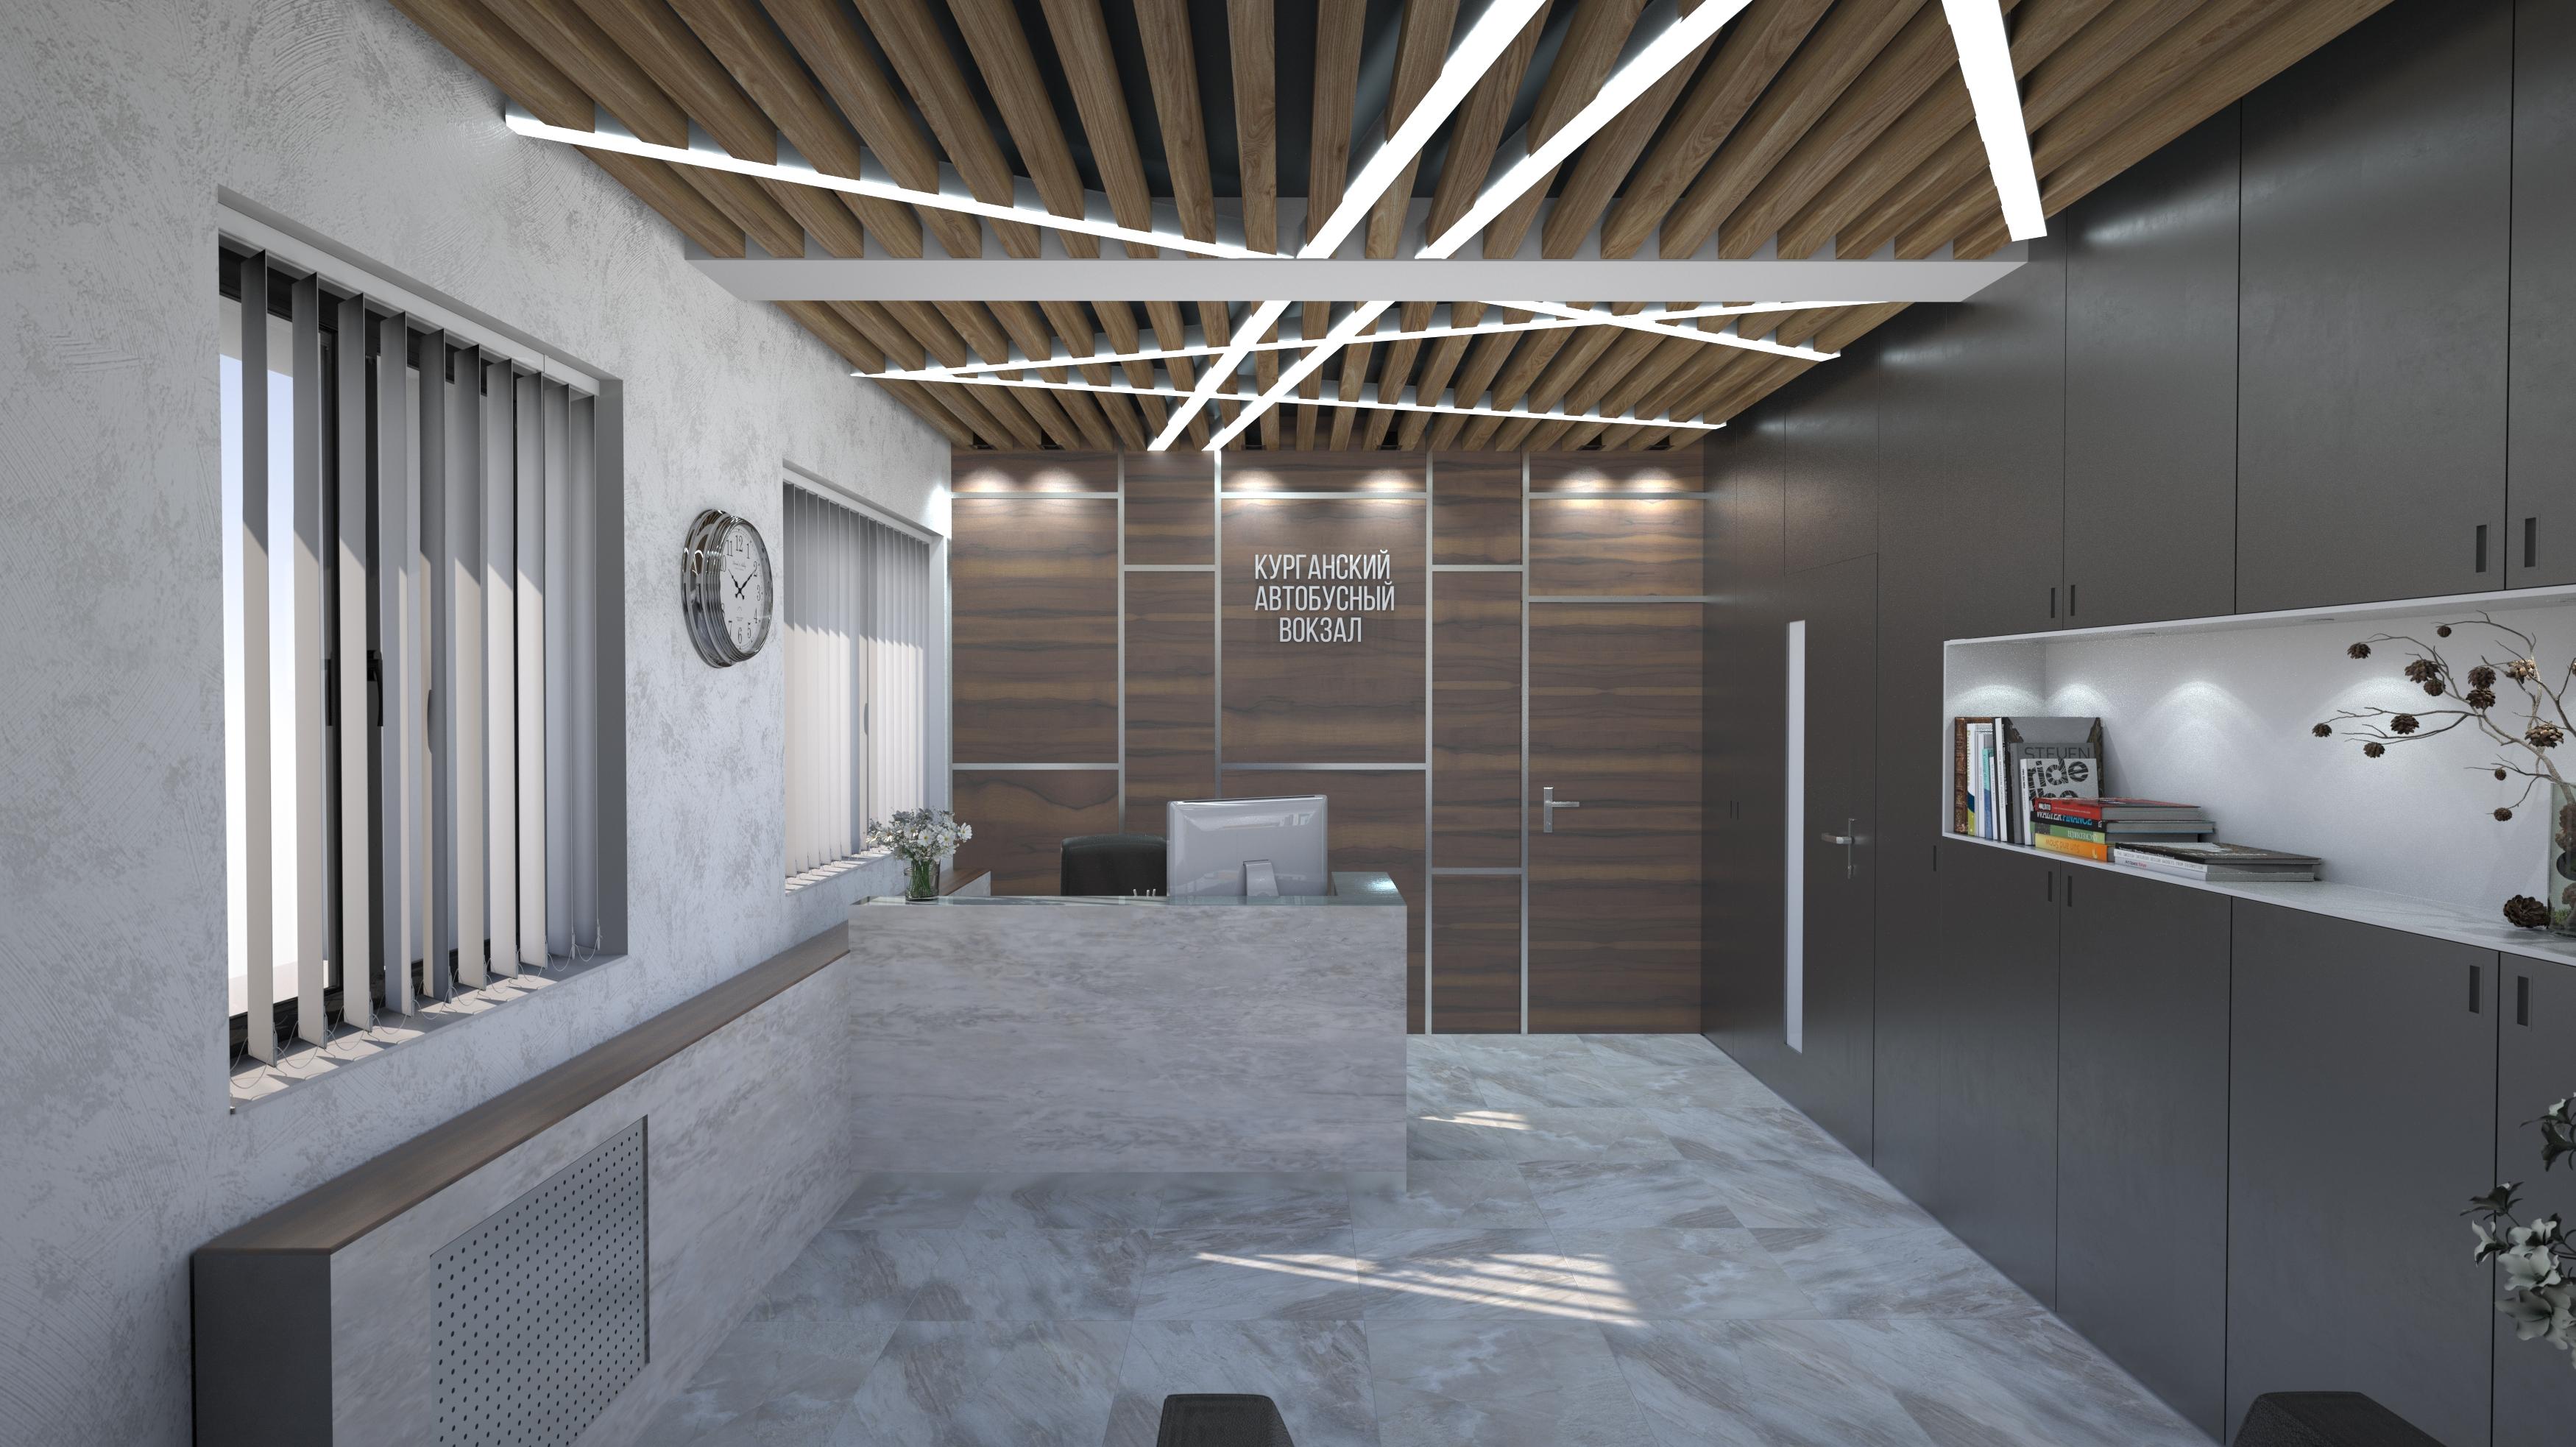 Проект офиса Курганского Автобусного Вокзала